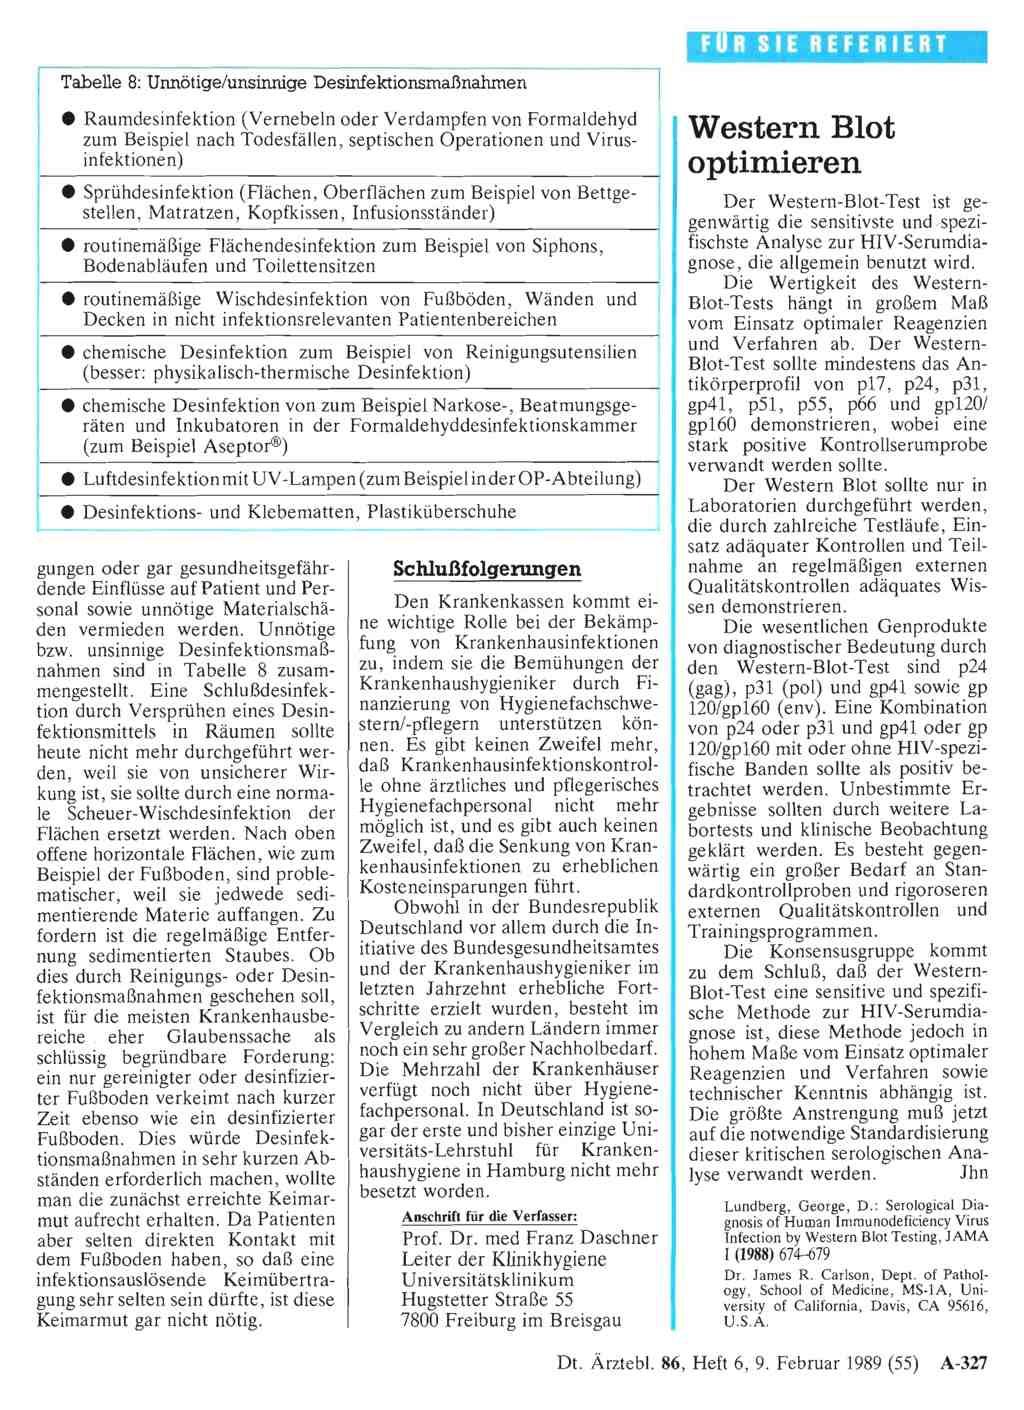 Referieren des artikels beispiel china post electronic information received